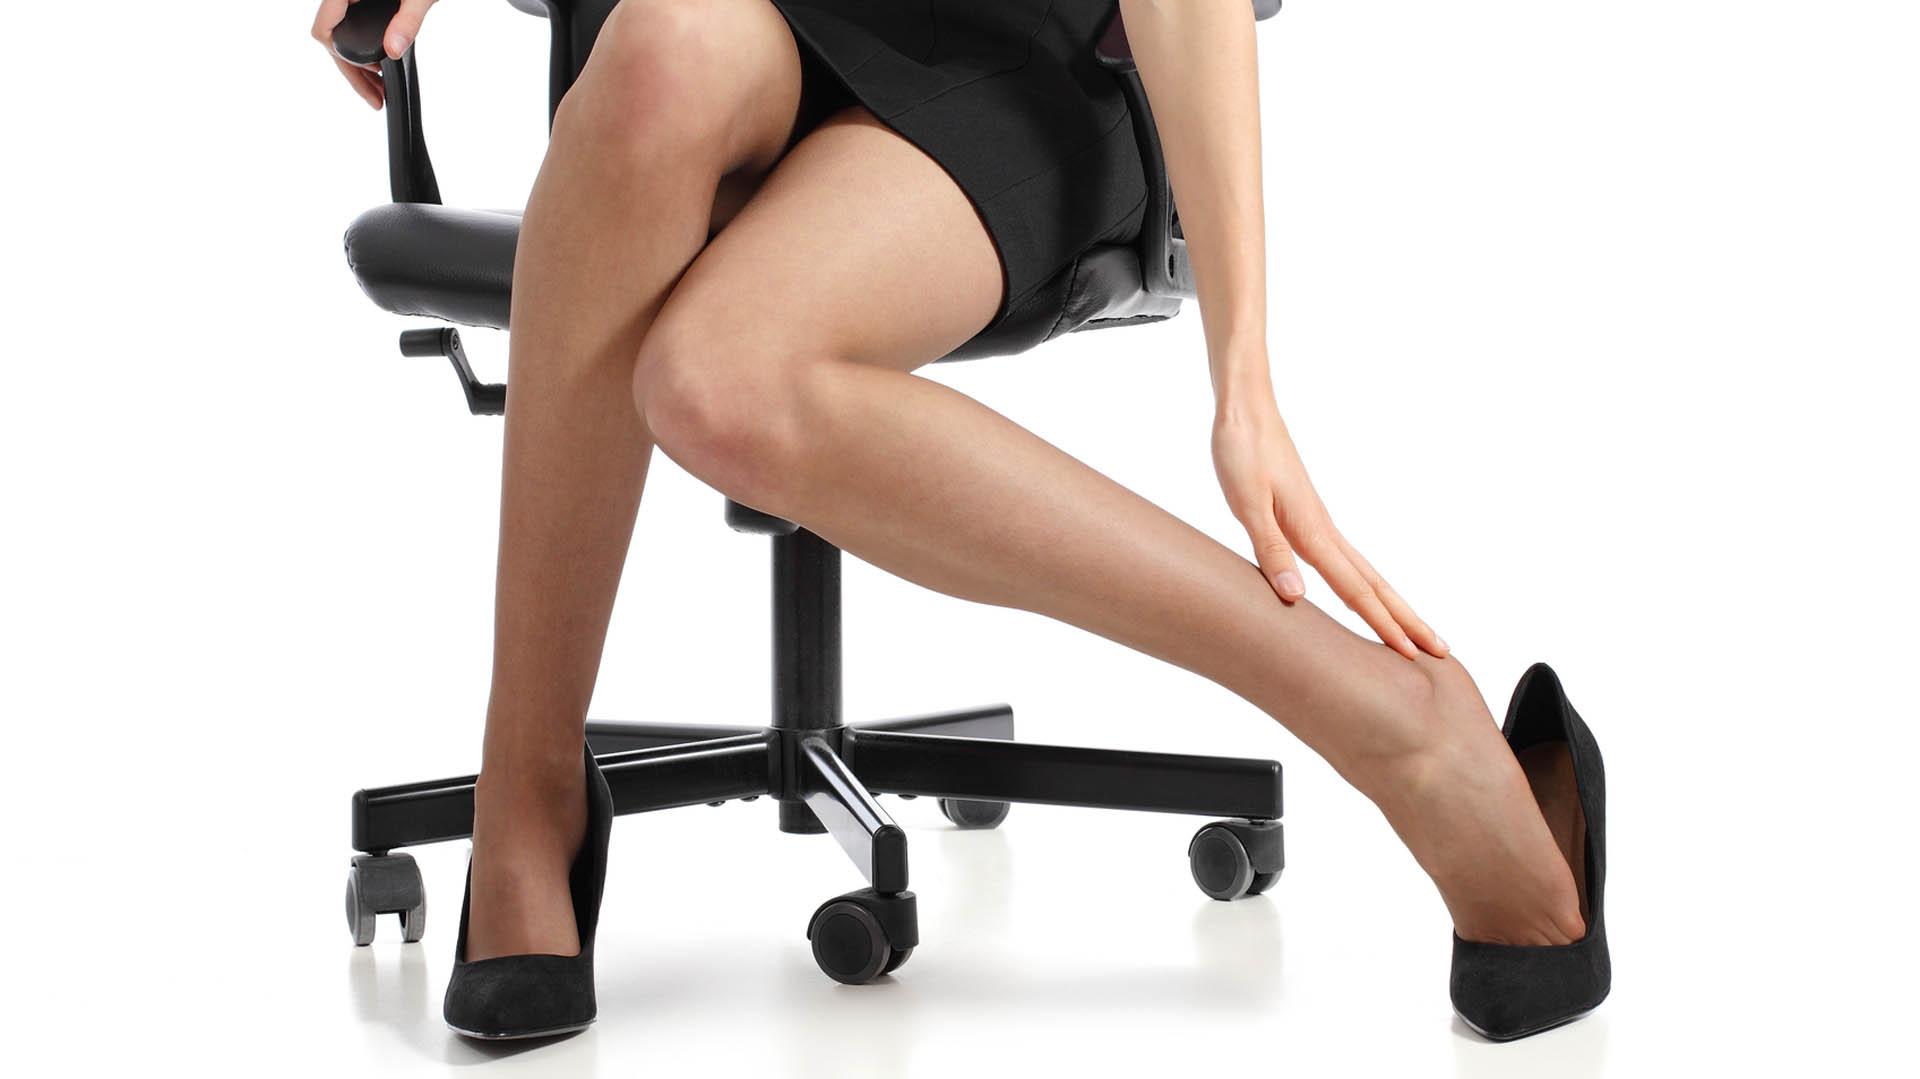 La elección del calzado es determinante en la postura y el movimiento del cuerpo (iStock)